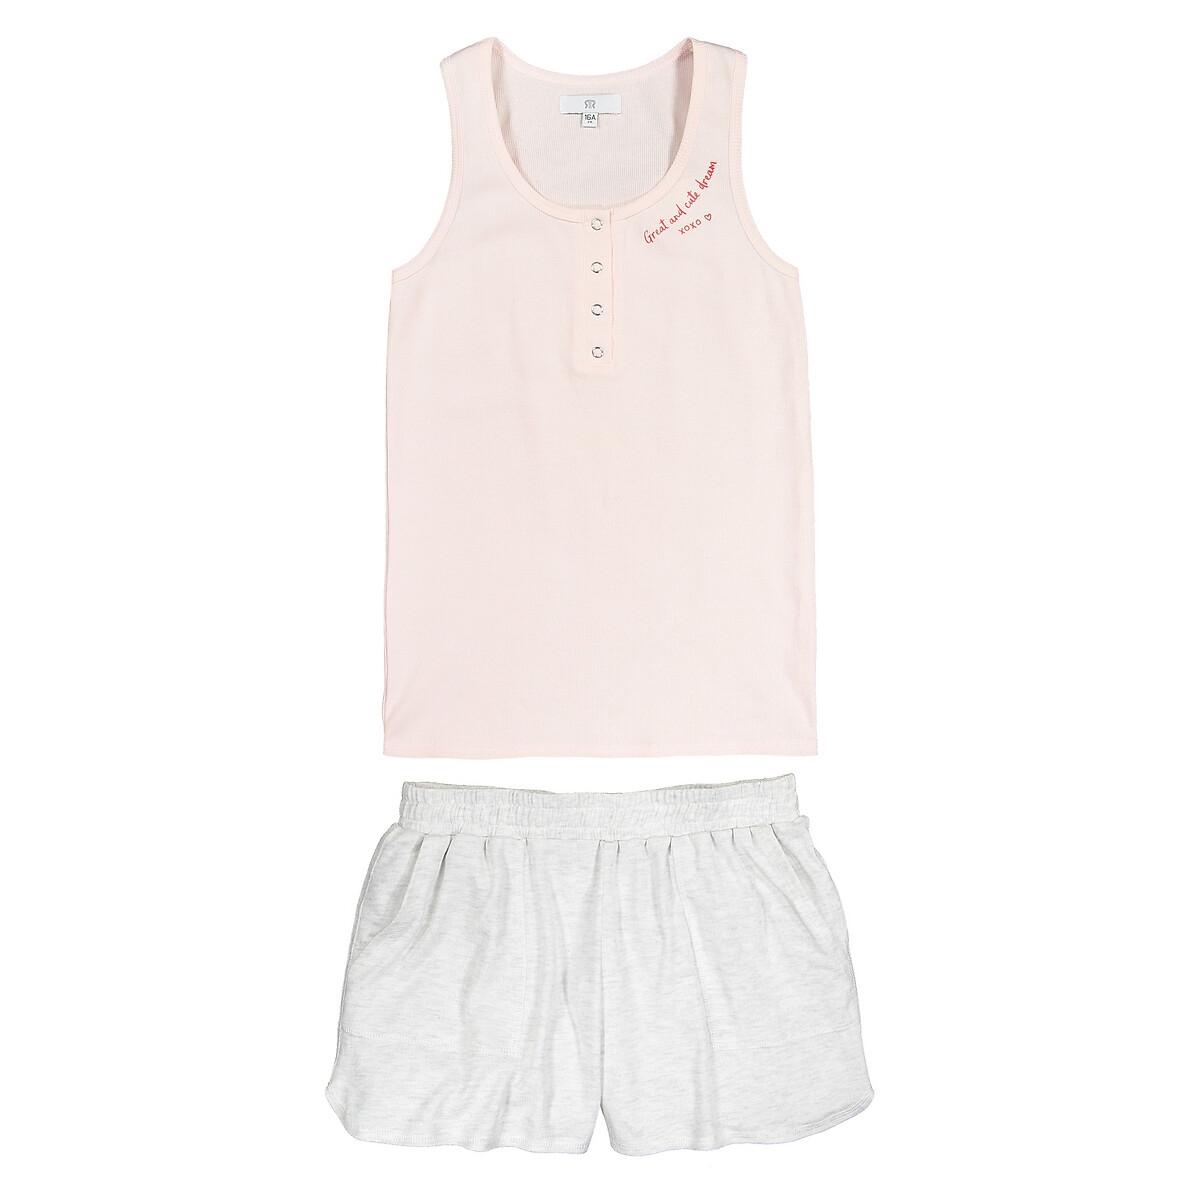 Пижама LaRedoute С шортами из биохлопка 10-18 лет 16 - 162 см розовый